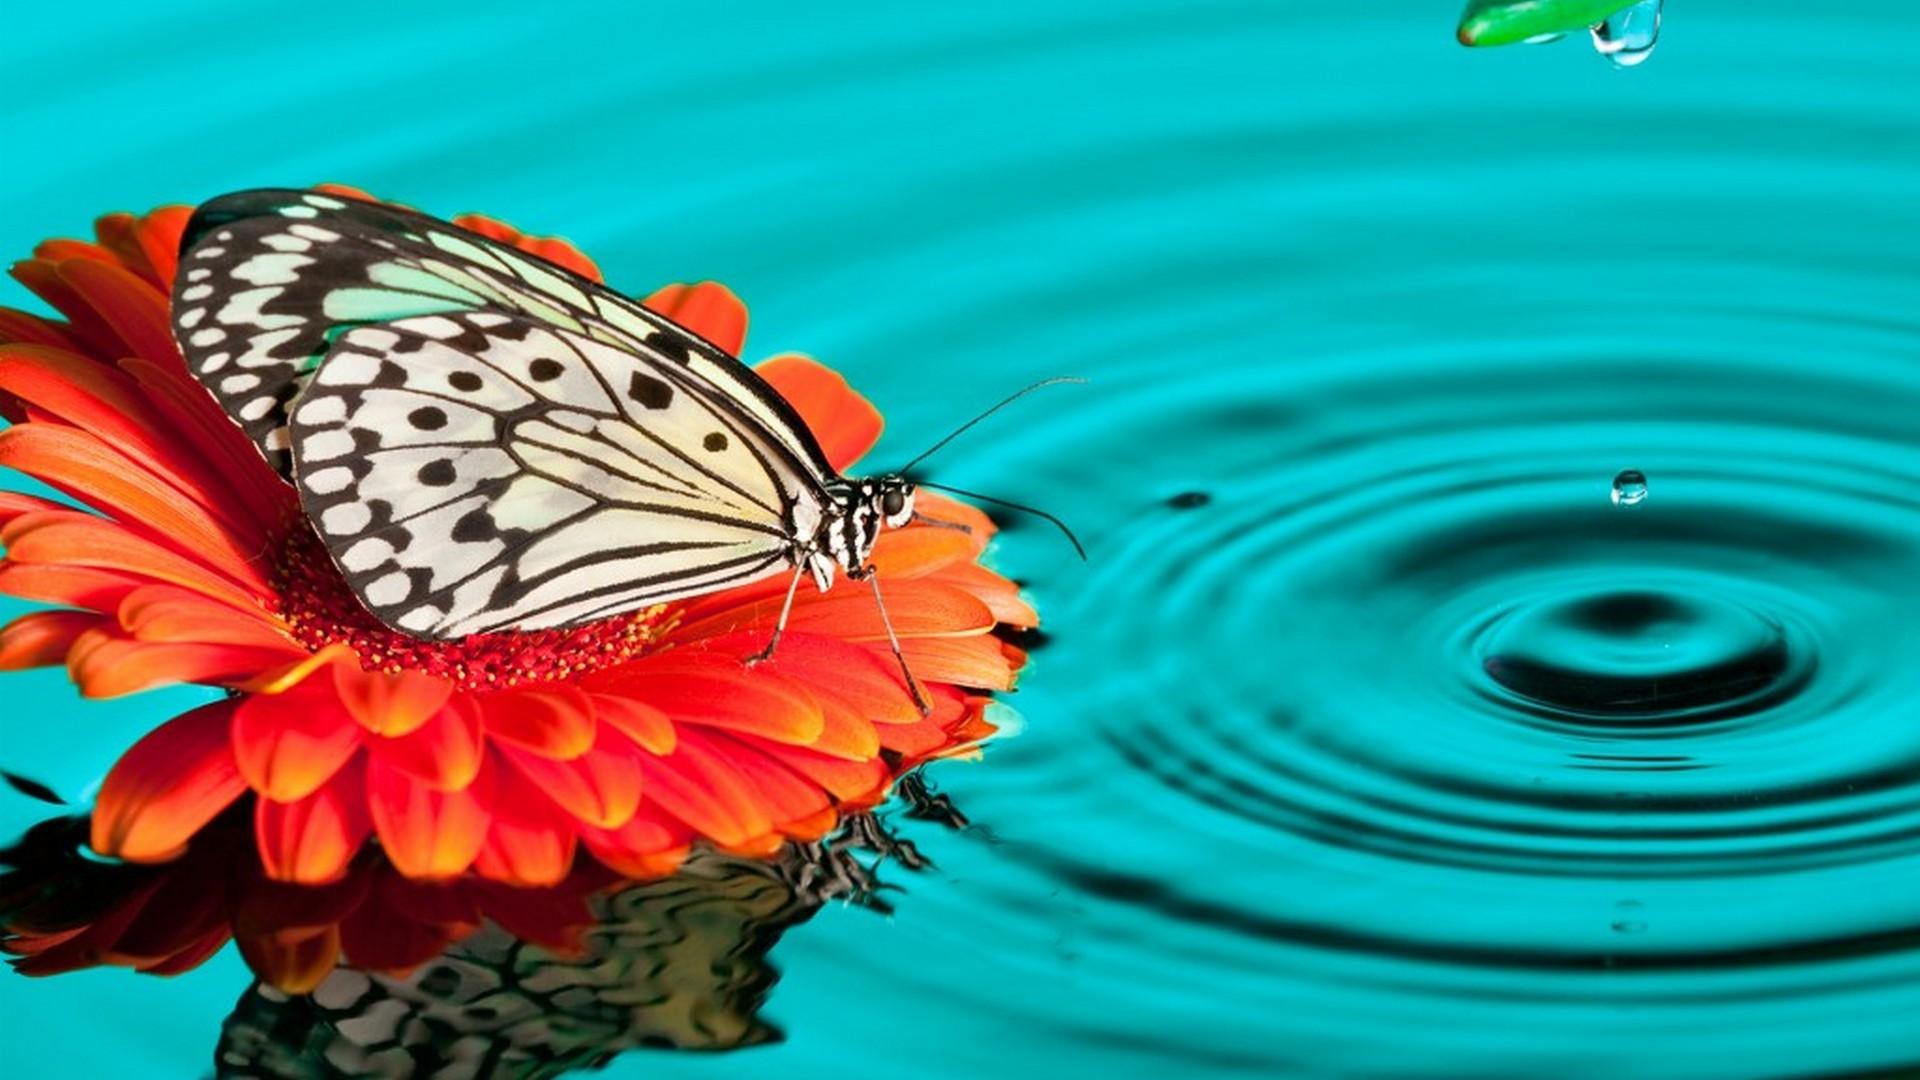 Girls Butterfly Desktop Backgrounds Hd - Butterfly With Water Hd - HD Wallpaper